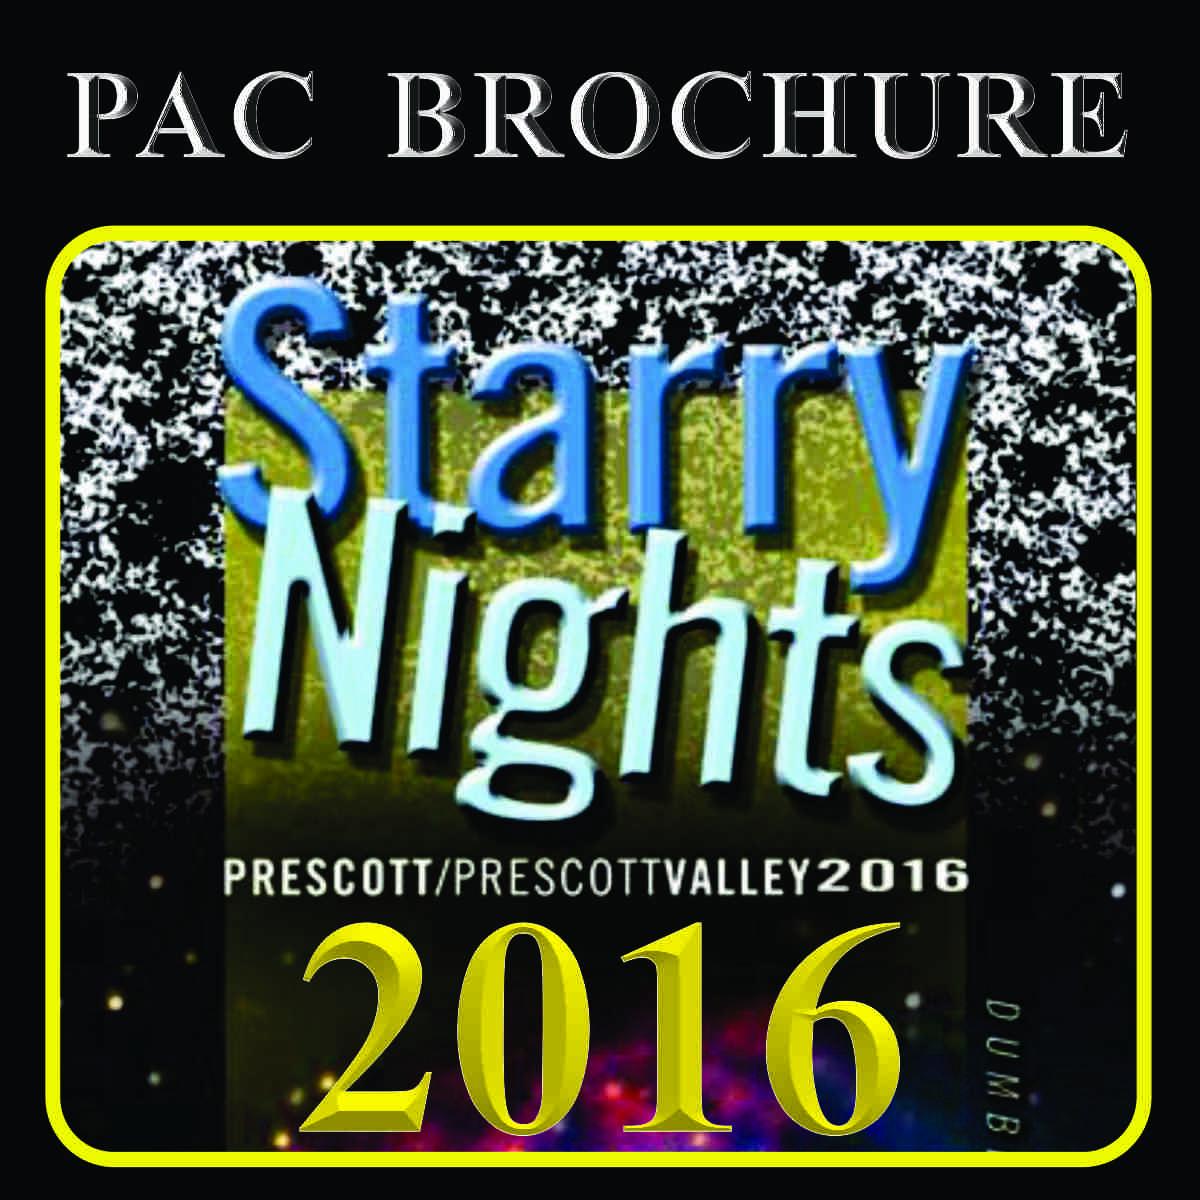 C1 2016 Starry